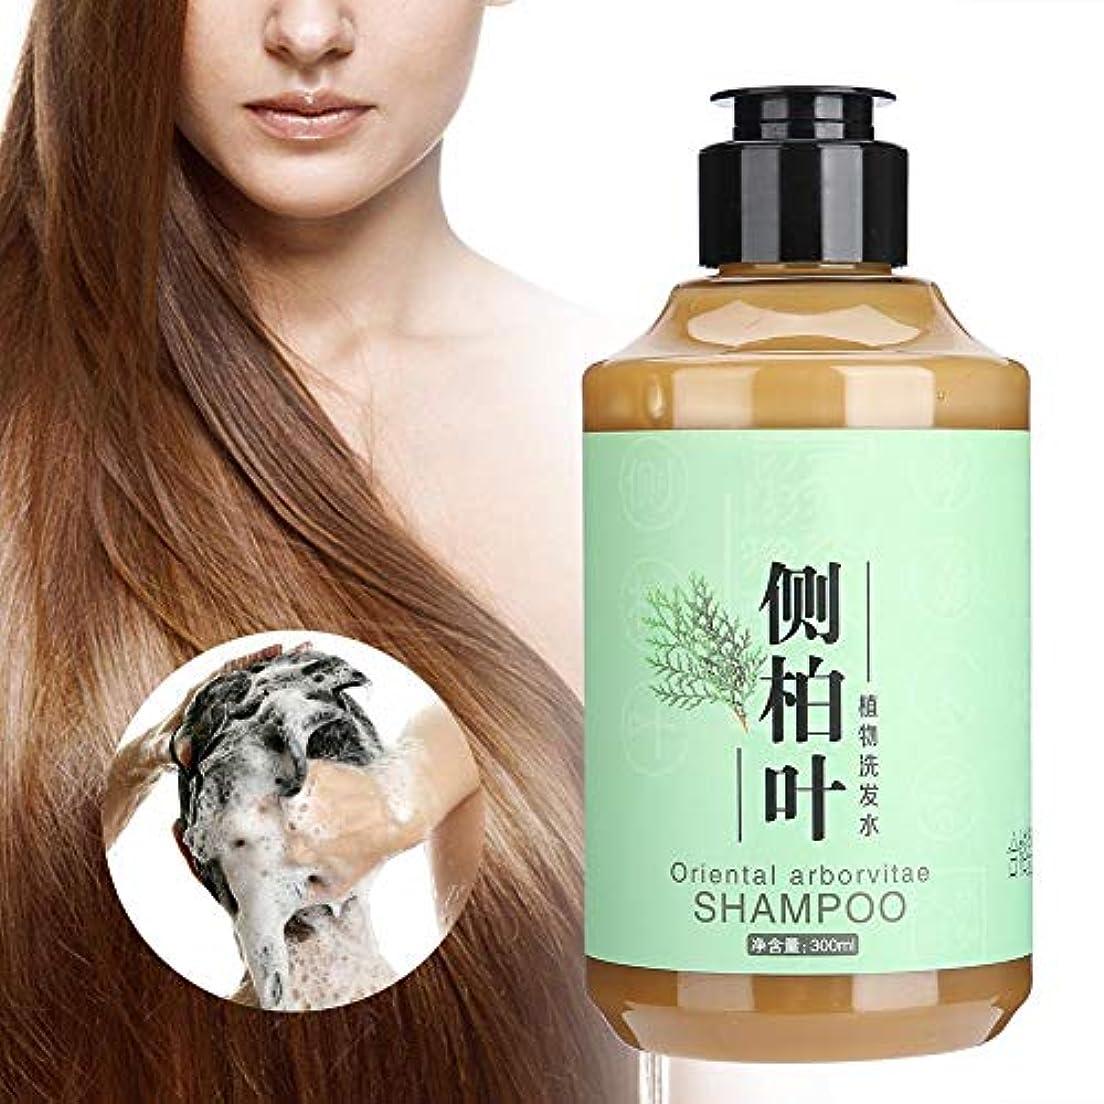 早い忘れられないマーキーシャンプー、髪の毛の栄養補給、髪の毛の根元の栄養補給、すべての髪のタイプの男性と女性のための抜け毛の栄養補給用シャンプー